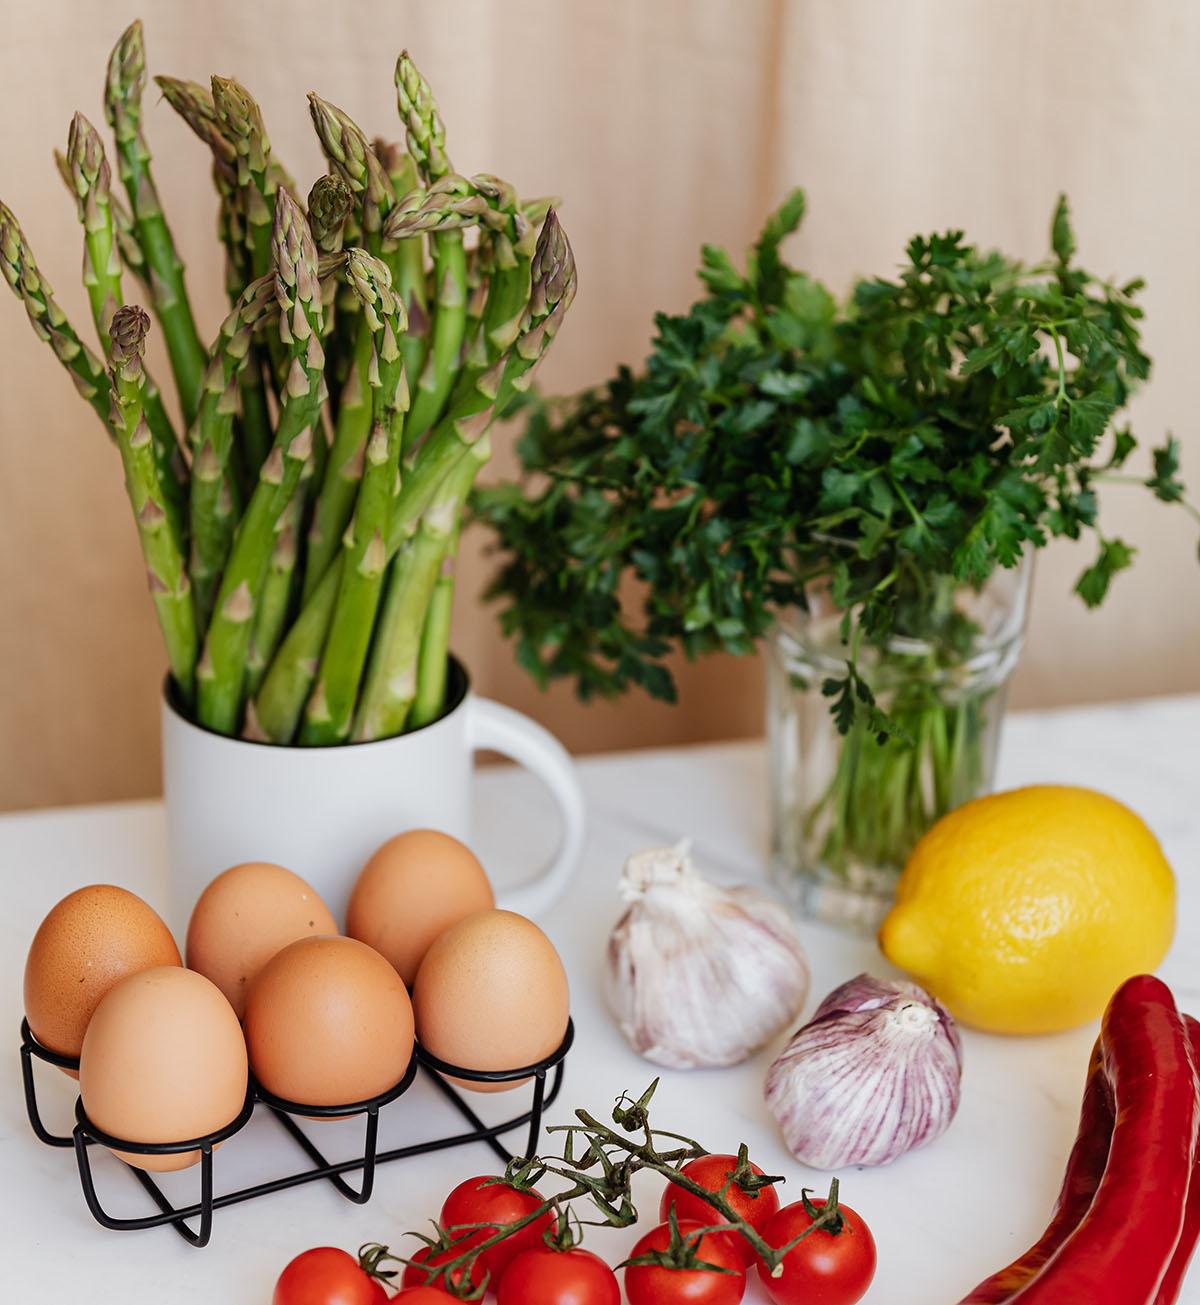 A dieta do ovo cozido envolve comer várias porções de ovos cozidos por dia, juntamente com outras proteínas magras, vegetais não ricos em amido e frutas com baixo teor de carboidratos.